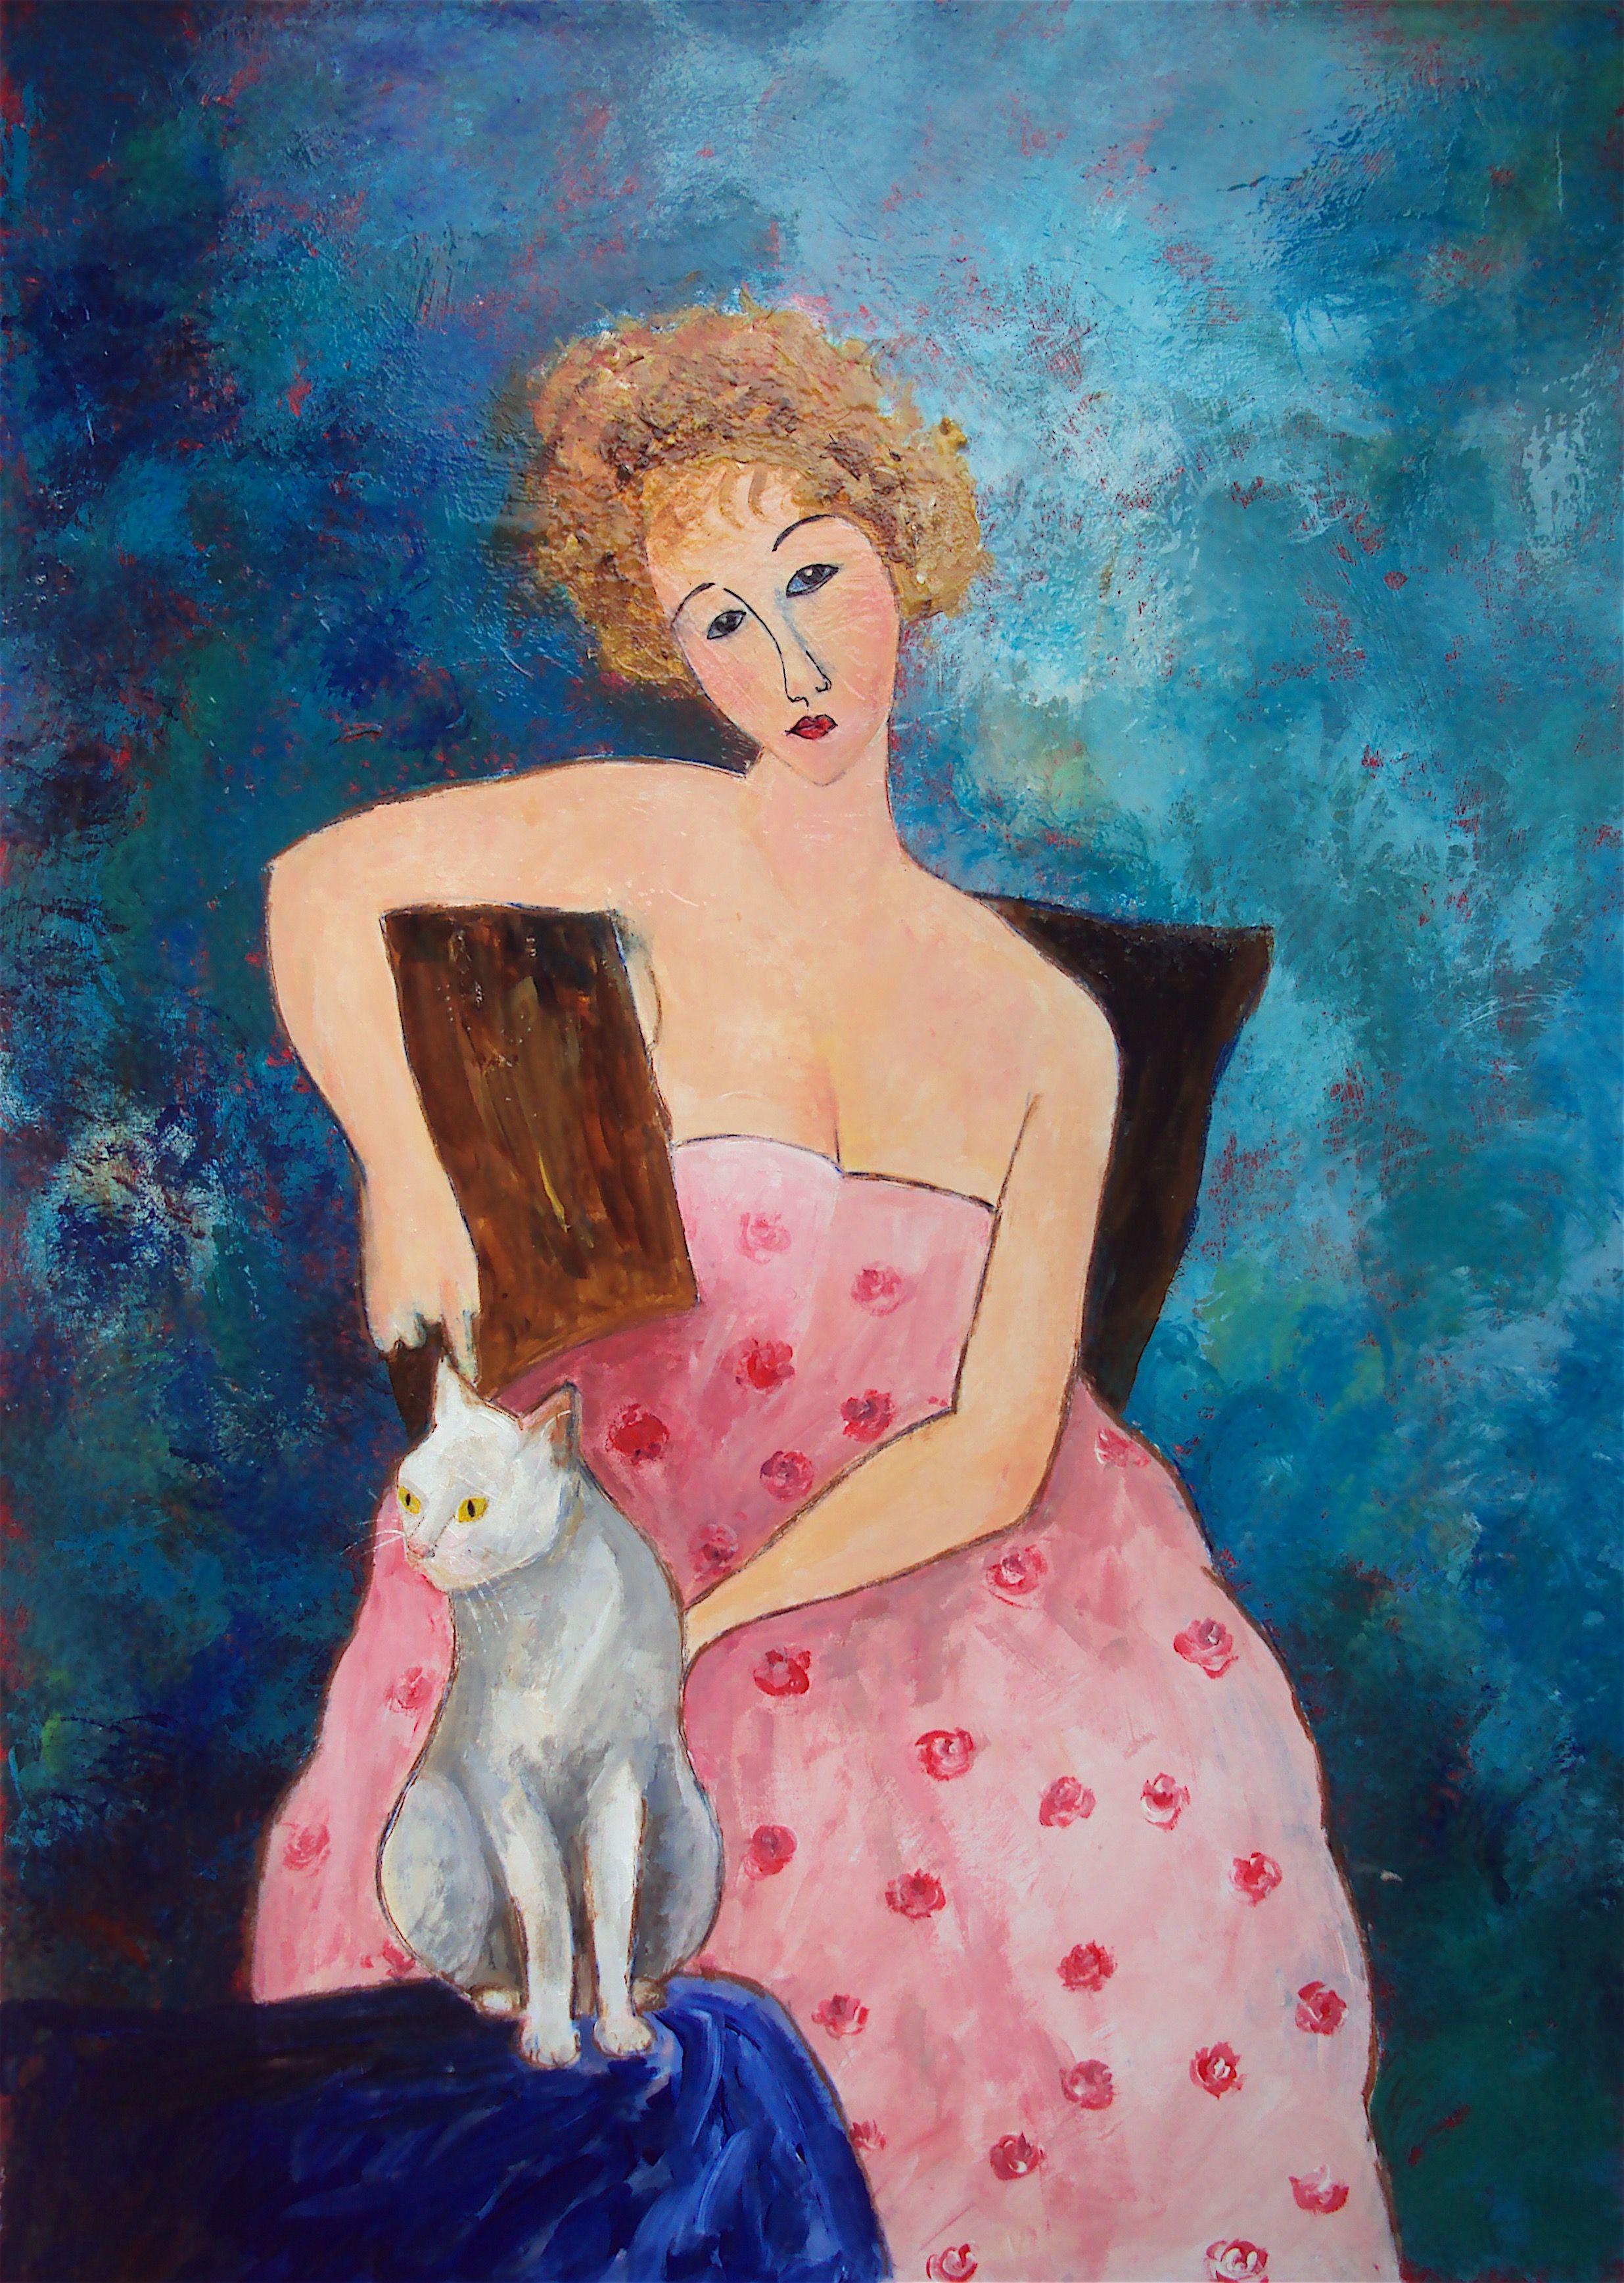 Woman in Pink Dress and Cat, Teresa Tanner